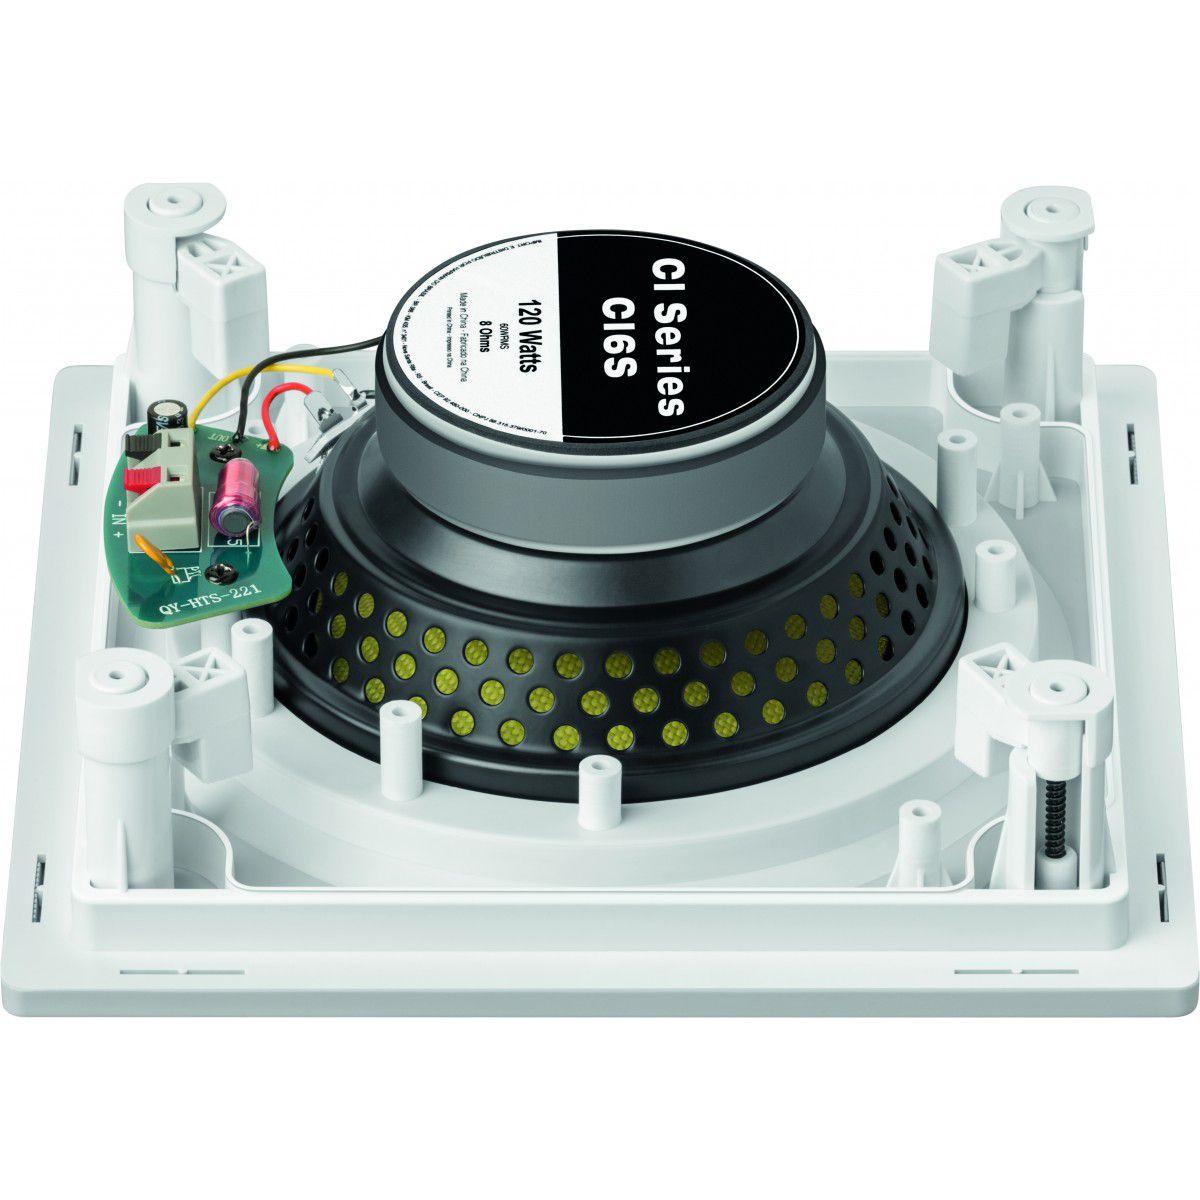 Kit Amplificador de Parede Bluetooth DM-835 DMD + 2 Caixas de Embutir Quadrada Plana CI6S JBL